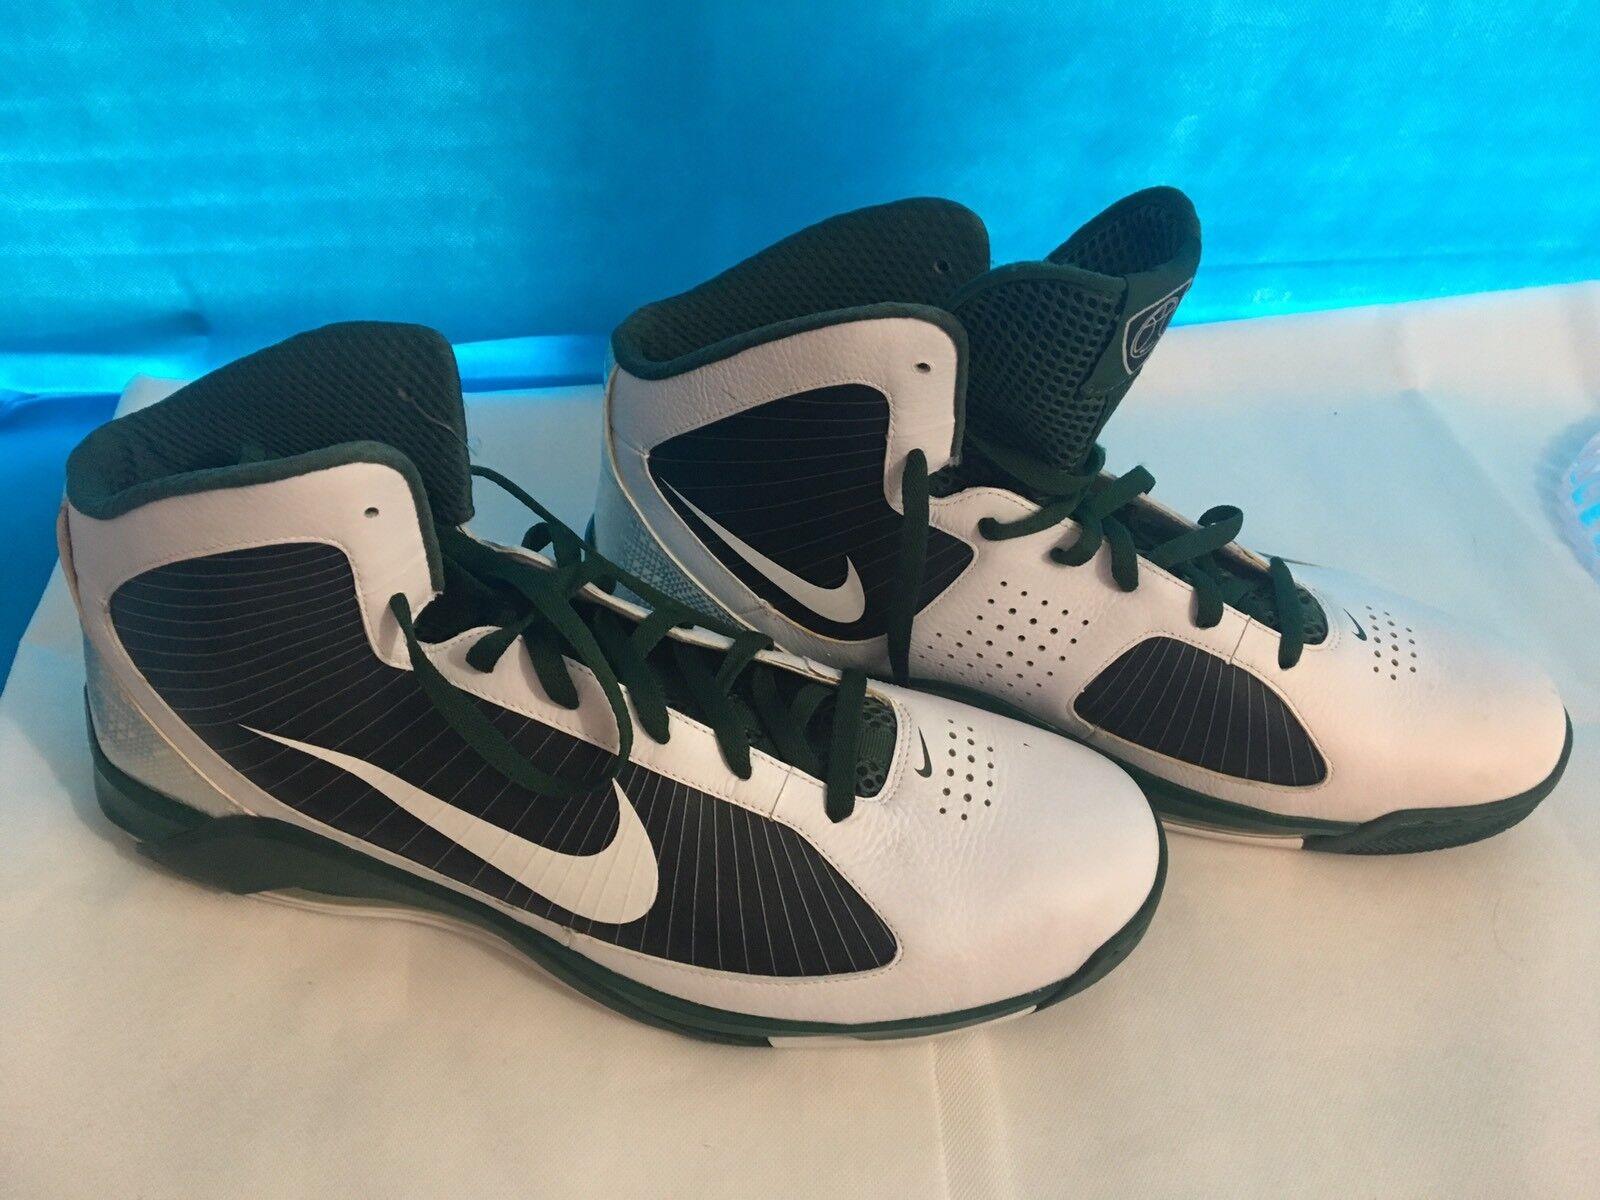 Nike Zoom Hyperfuse Retro Hombre Tamaño de 18 zapatilla de baloncesto de Tamaño cuero nueva d7505b